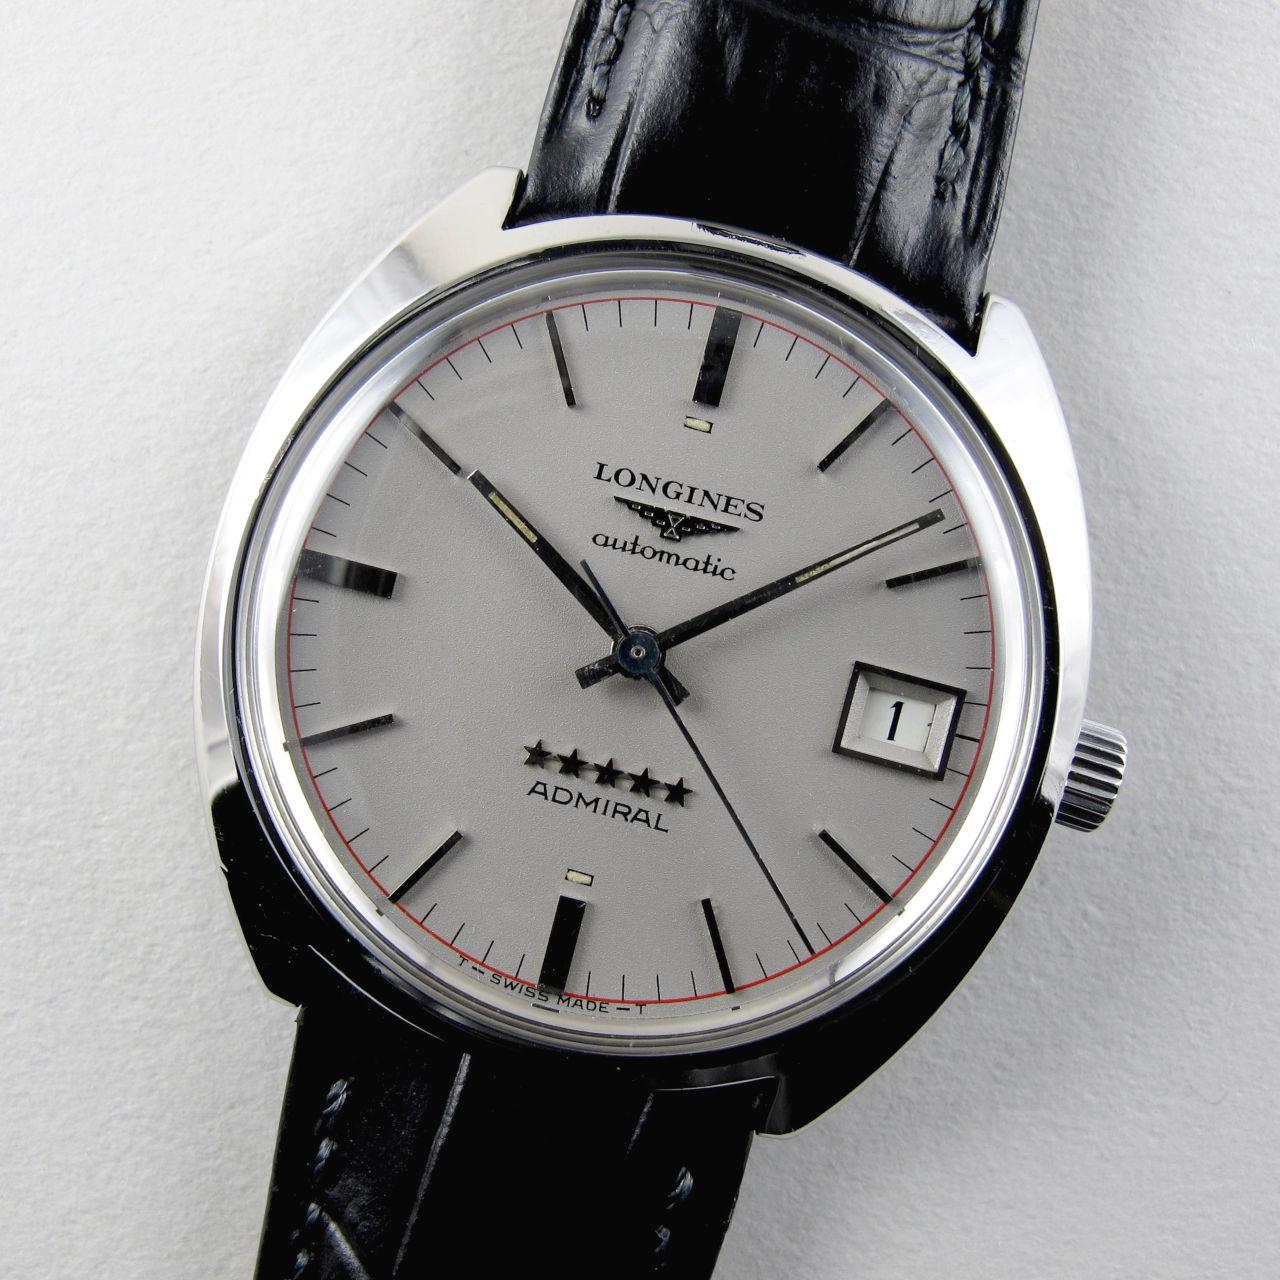 Longines Admiral Ref. 8642 -4 steel vintage wristwatch, circa 1970